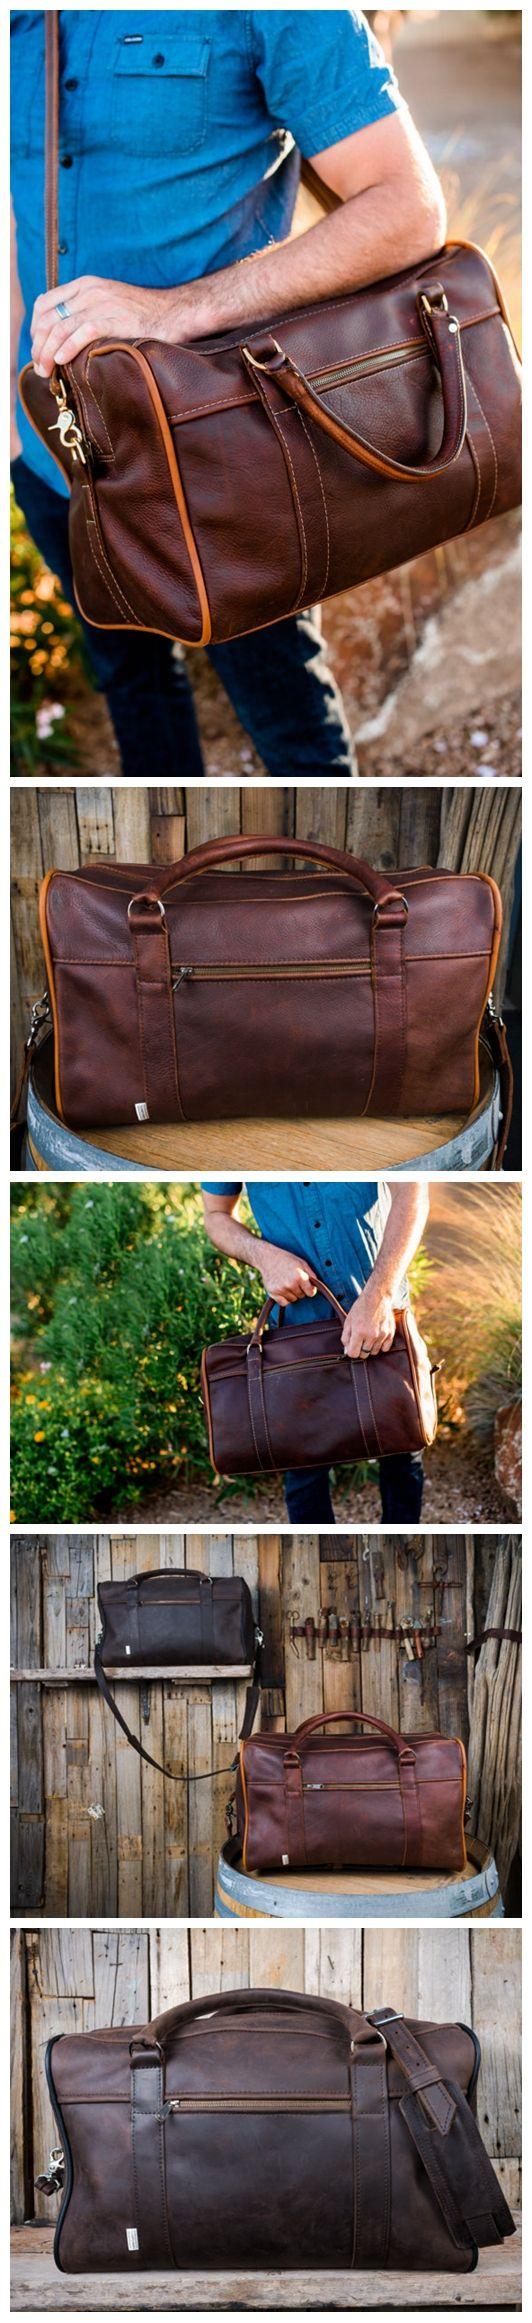 Men's Leather Duffle Bag Mens Weekender Bag Weekend Bag Travel Bag Carry On…